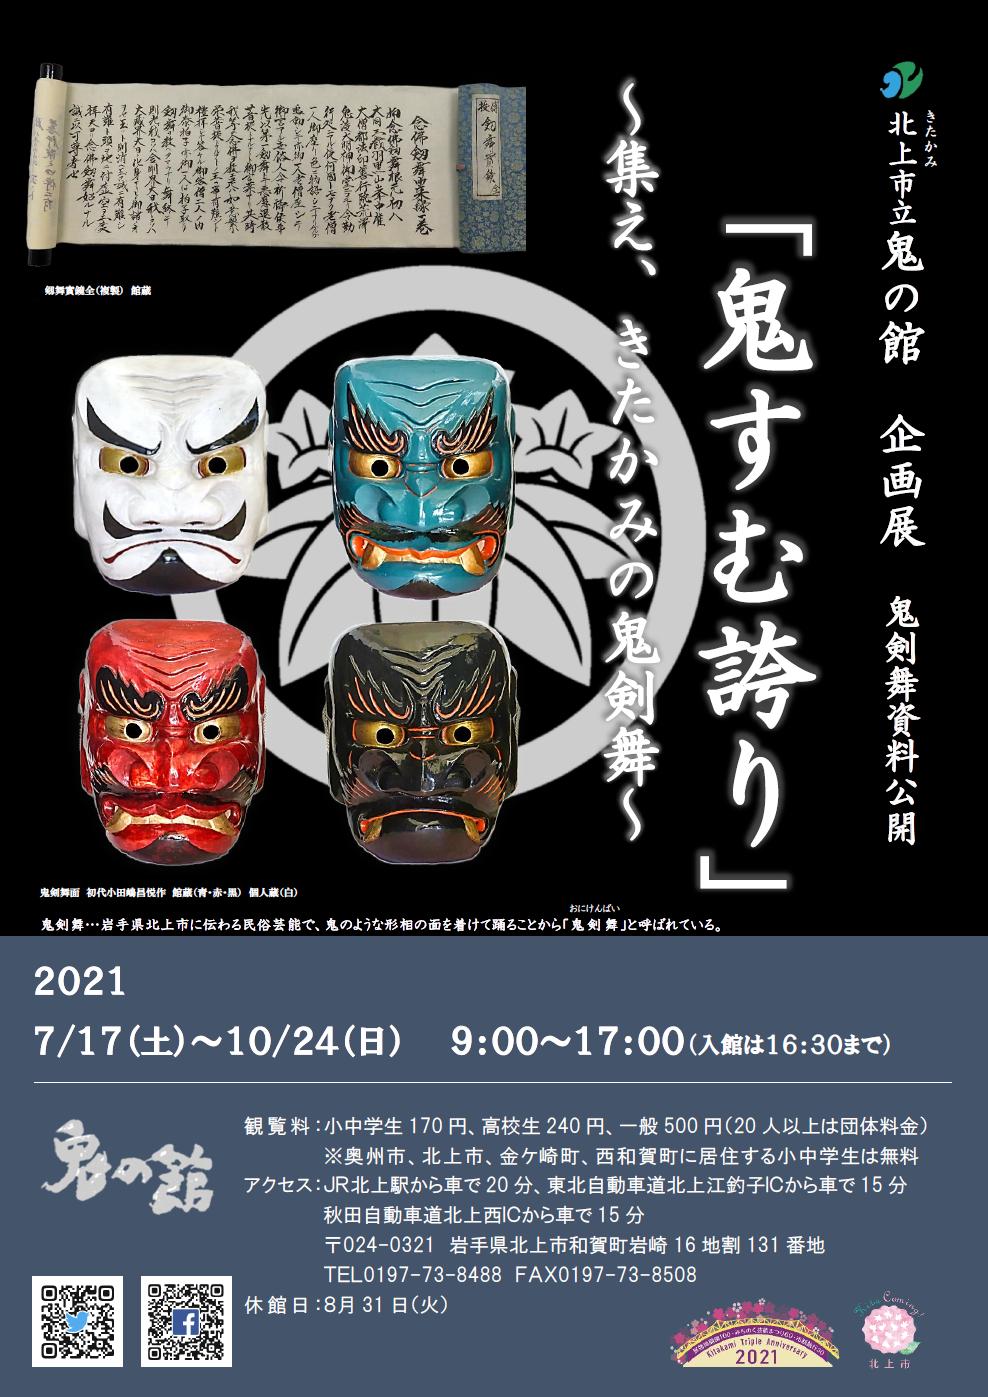 北上市に伝わる民俗芸能「鬼剣舞」を紹介する企画展を開催します。 それぞれの団体の衣装・扇・面などを比較し、その違いを見ていきます。 ...